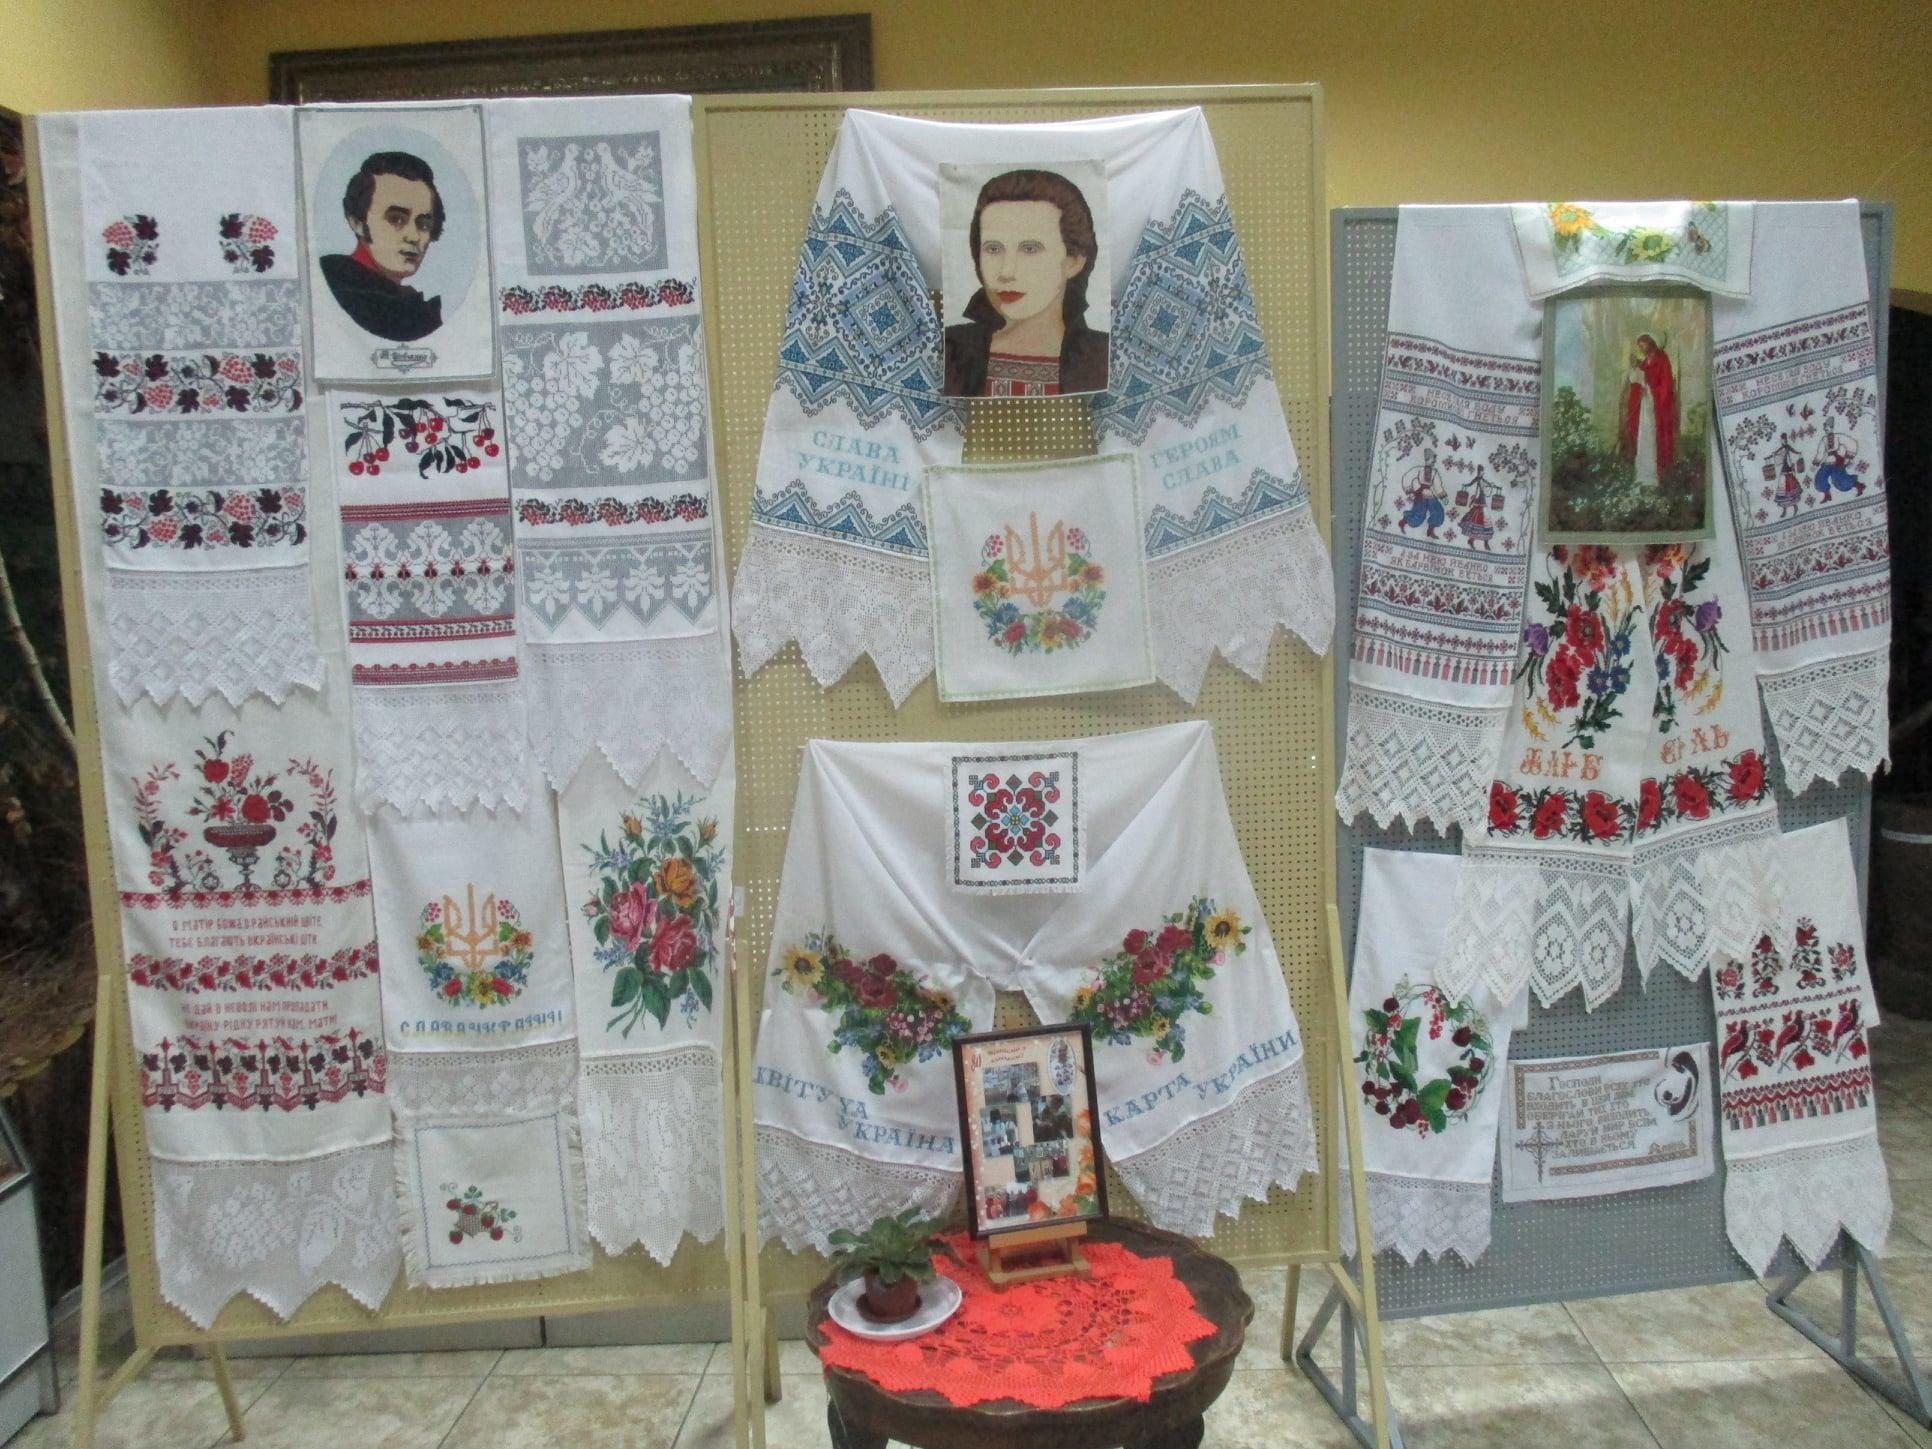 Виставка 80-річної майстрині Ганни Корженівської в Ірпені - Приірпіння, музей, Мистецтво, київщина, виставка - Korzhen 1